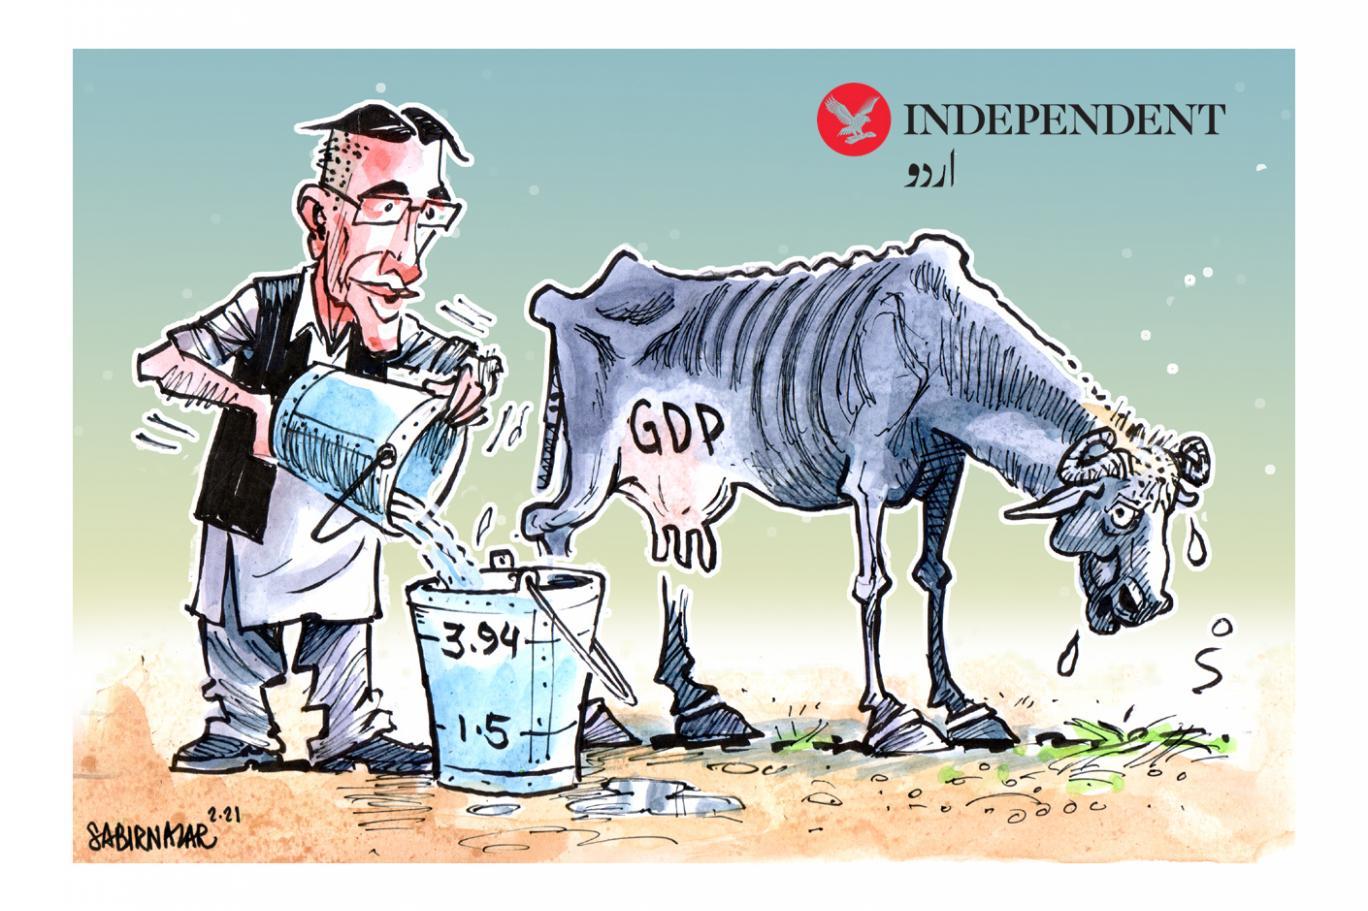 جی ڈی پی کے دودھ میں حکومتی 'ملاوٹ'